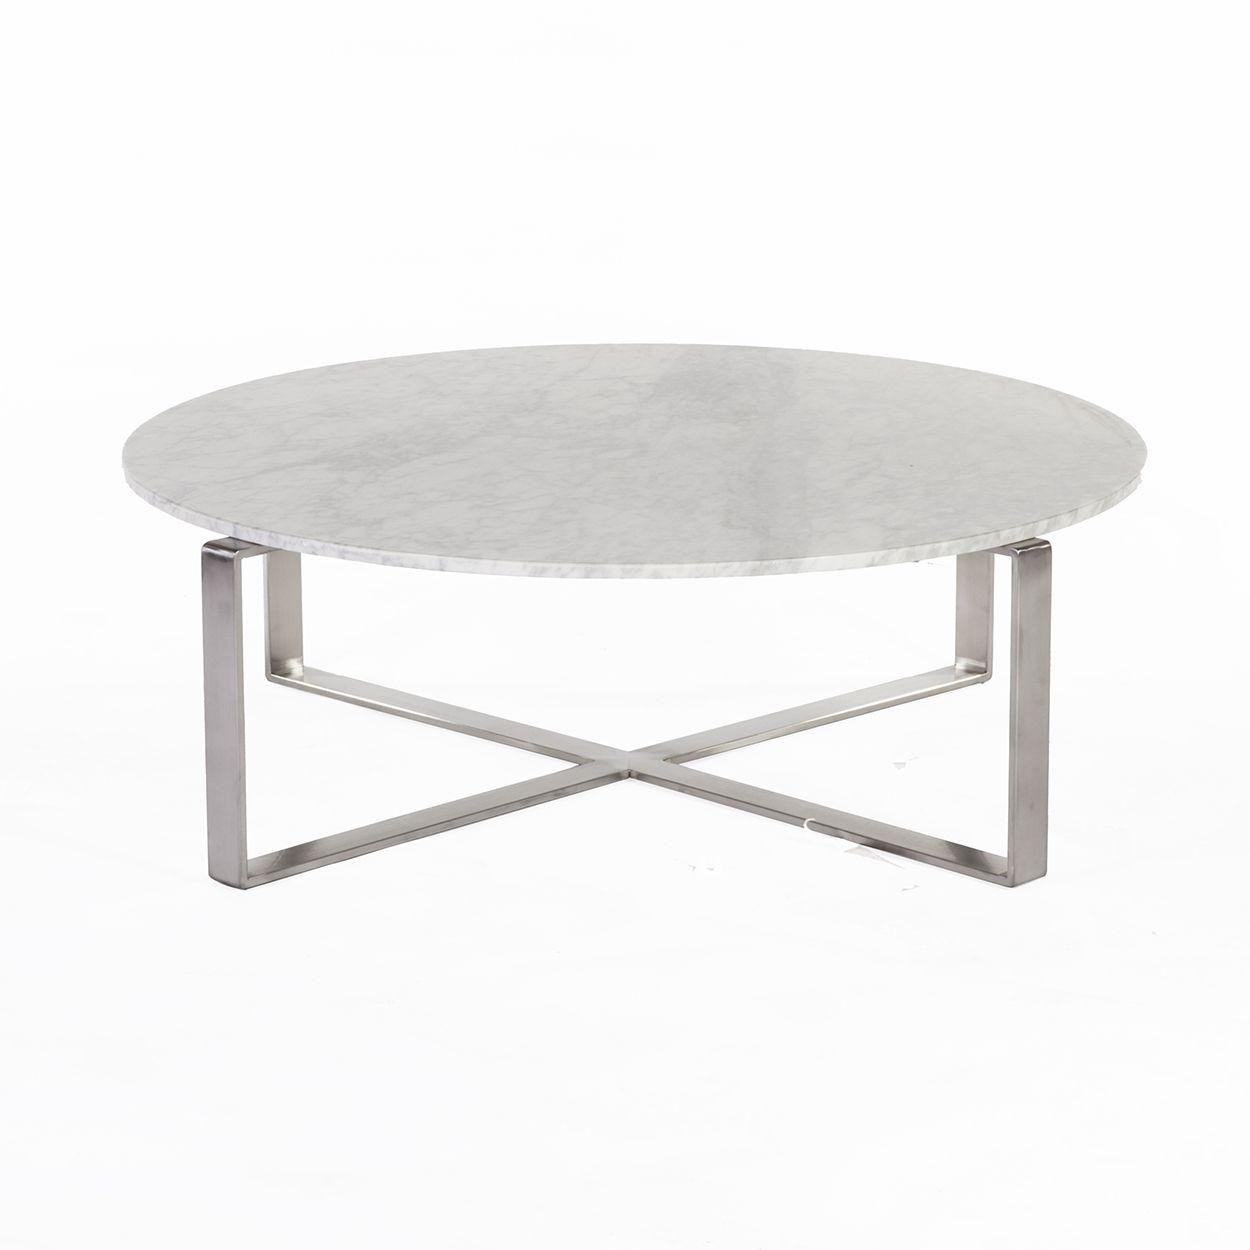 Mantova Coffee Table Fv537wht Marble Coffee Table Coffee Table Slate Coffee Table [ 1250 x 1250 Pixel ]